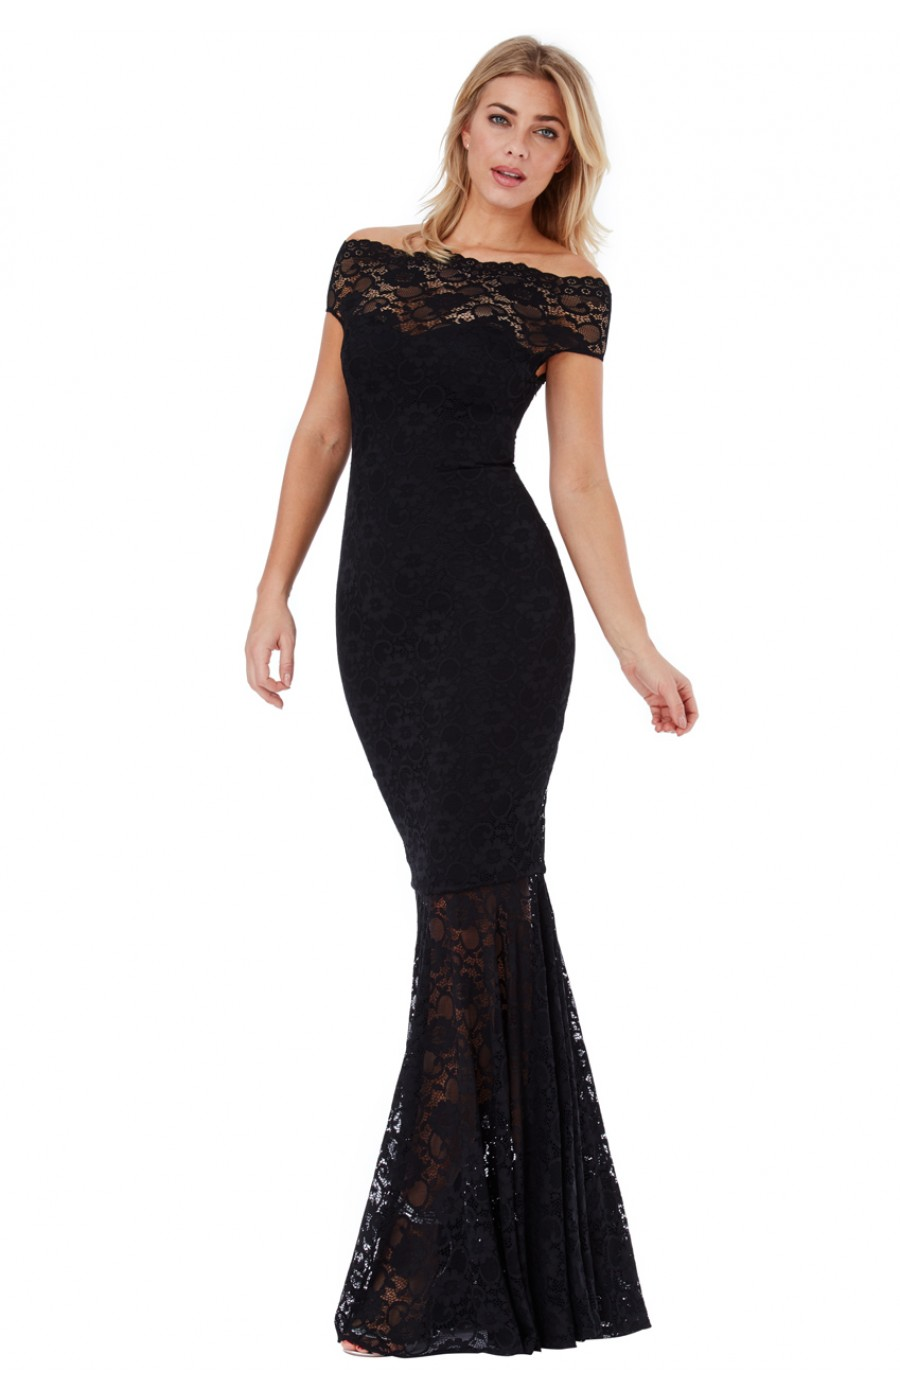 Αναζήτηση - Ετικέτα - μακρυ φορεμα 647f854a6c9